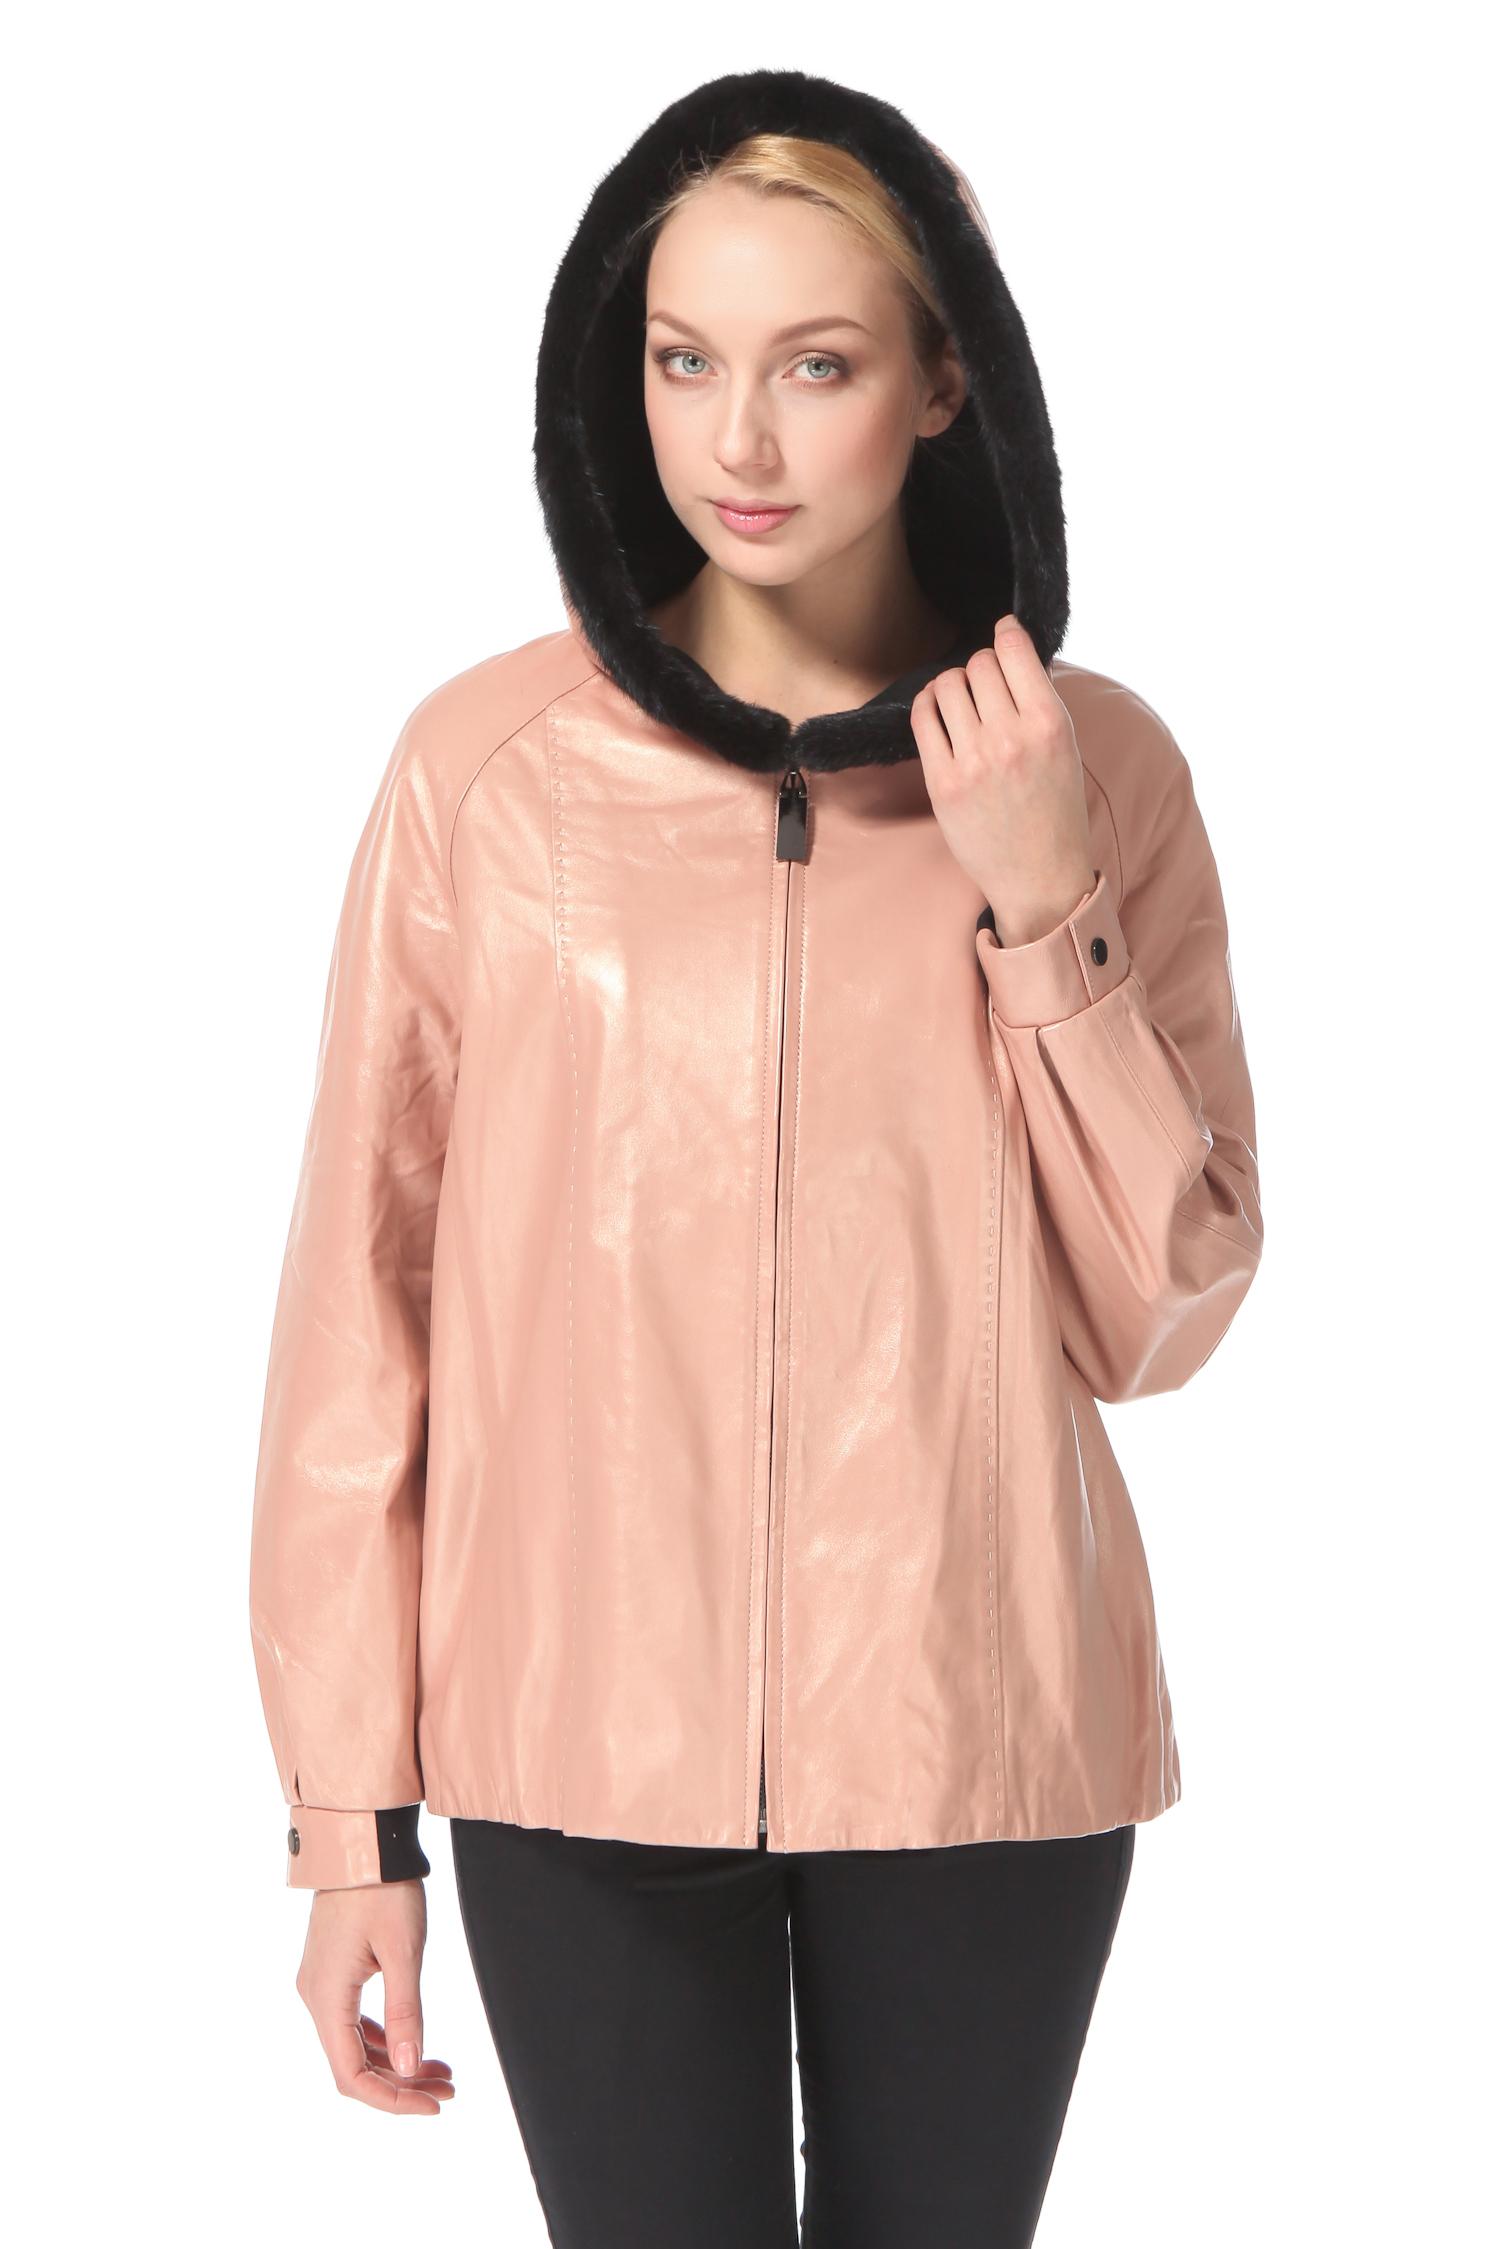 Женская кожаная куртка из натуральной кожи с капюшоном, отделка норка